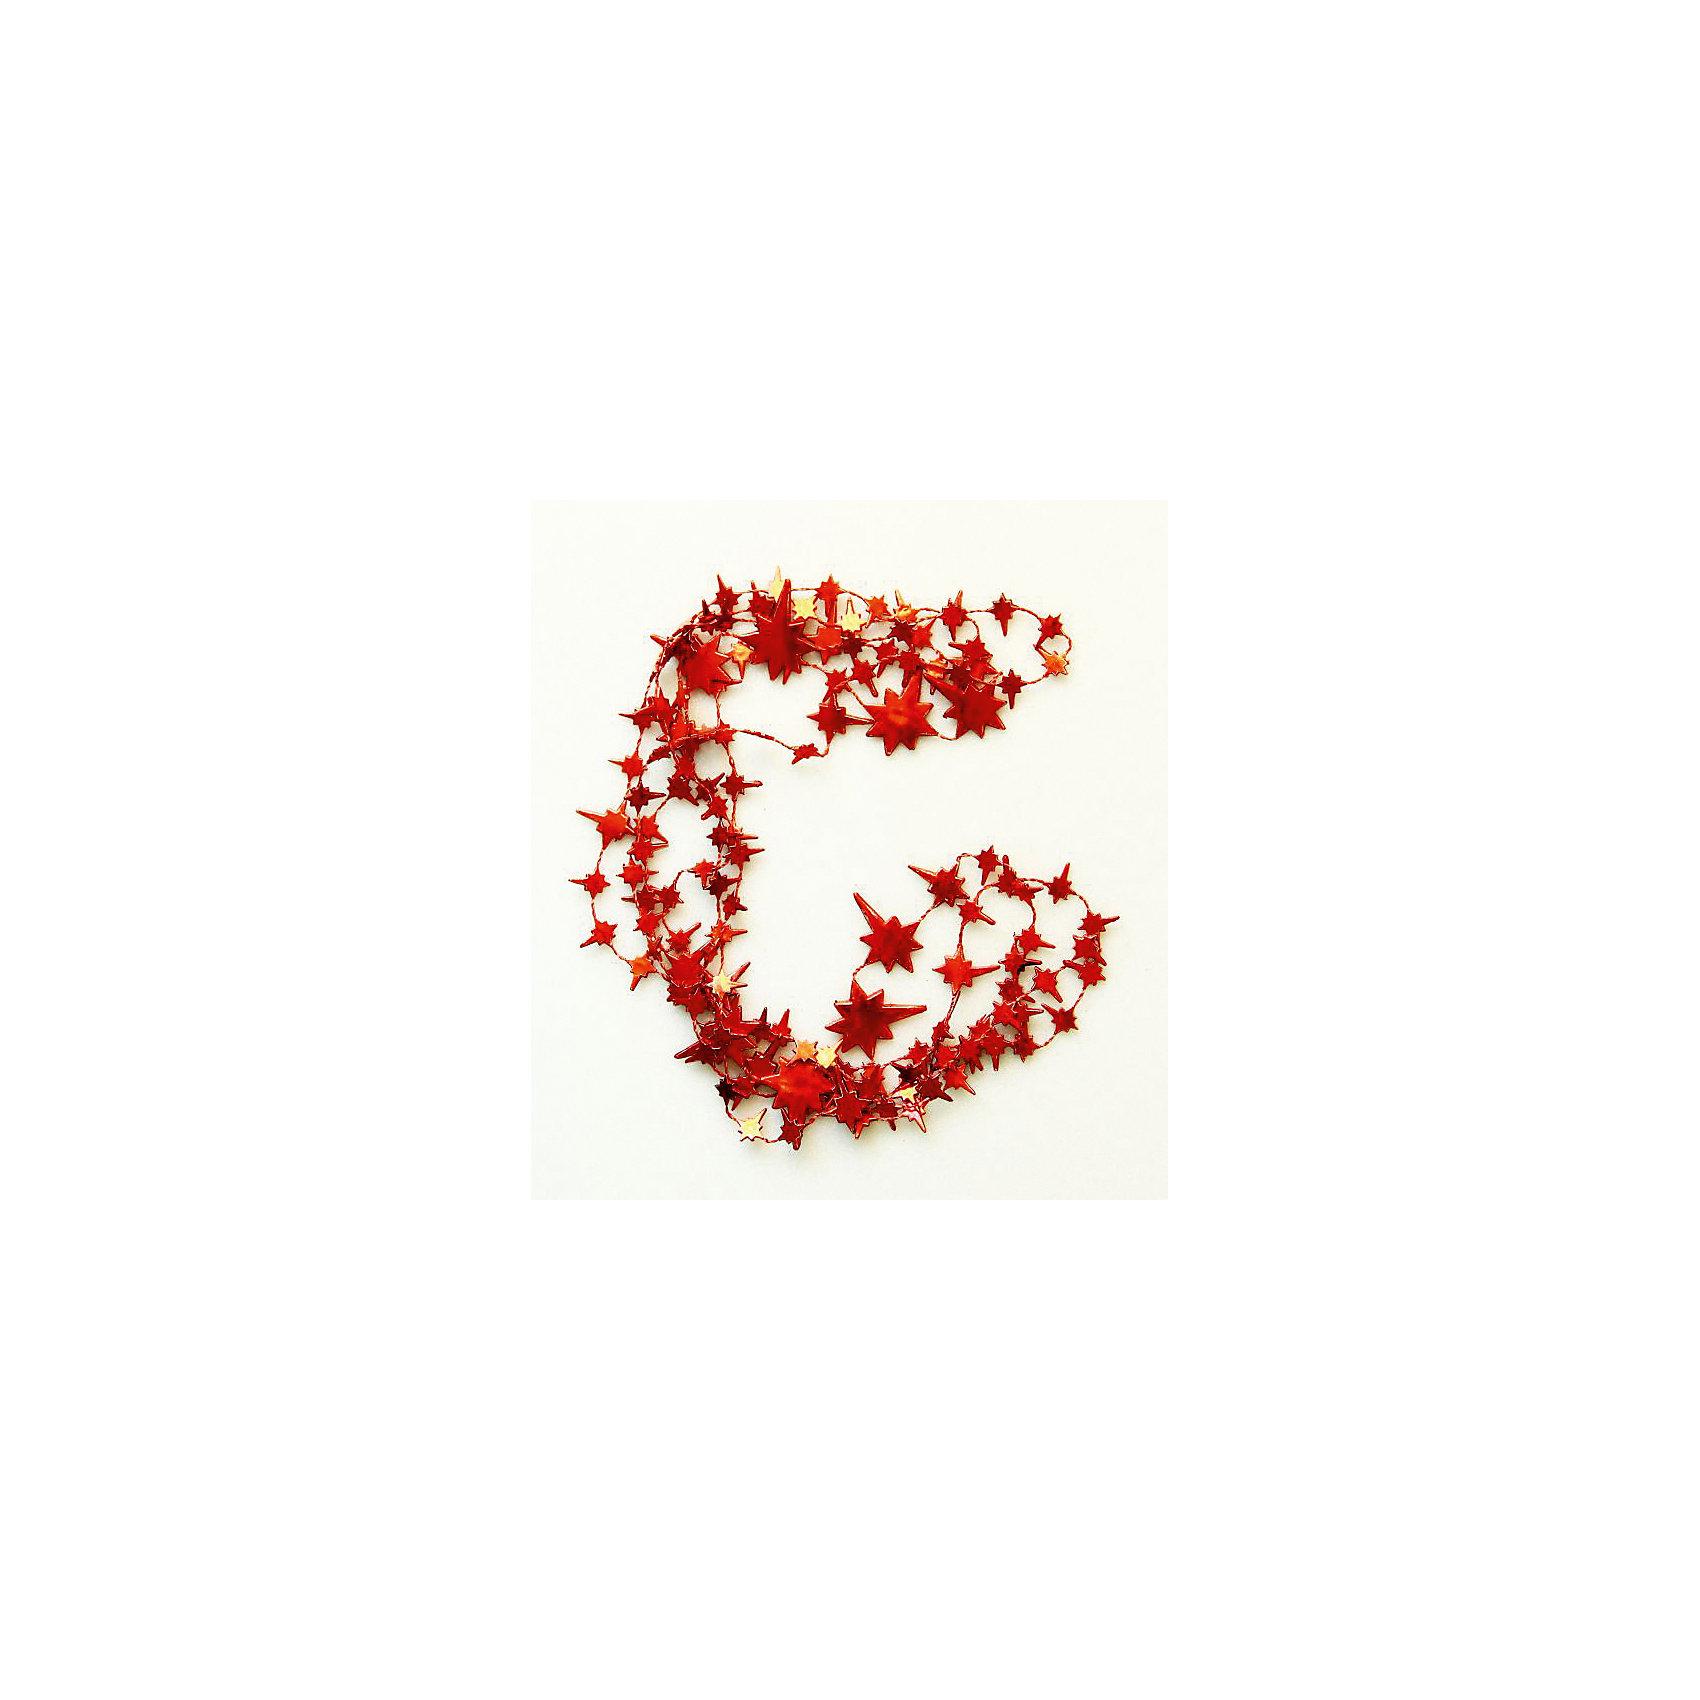 Гирлянда Красные звезды 270 смГирлянда Красные звезды, Феникс-презент, станет замечательным украшением Вашей новогодней елки или интерьера и поможет создать волшебную атмосферу новогодних праздников. Гирлянда привлекательного дизайна выполнена в форме красных звездочек различной формы и<br>величины, она будет чудесно смотреться на елке и радовать детей и взрослых. <br><br><br>Дополнительная информация:<br><br>- Материал: полистирол.<br>- Длина гирлянды: 270 см.<br>- Размер упаковки: 28 х 10 х 5 см.<br><br>Гирлянду Красные звезды, Феникс-презент, можно купить в нашем интернет-магазине.<br><br>Ширина мм: 280<br>Глубина мм: 100<br>Высота мм: 50<br>Вес г: 100<br>Возраст от месяцев: 36<br>Возраст до месяцев: 2147483647<br>Пол: Унисекс<br>Возраст: Детский<br>SKU: 4274707